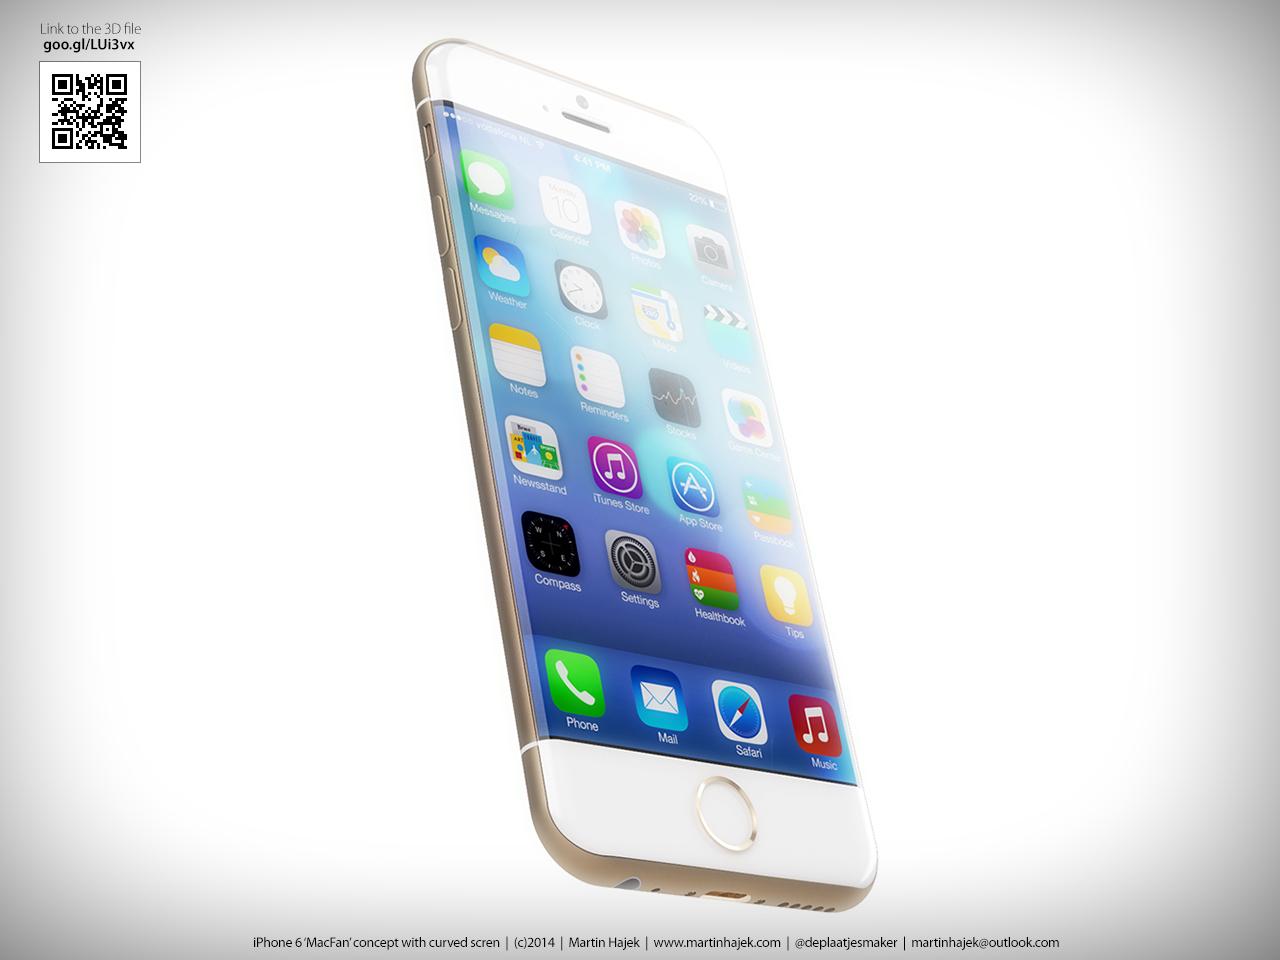 conceito-de-iphone-6-com-tela-curva-1